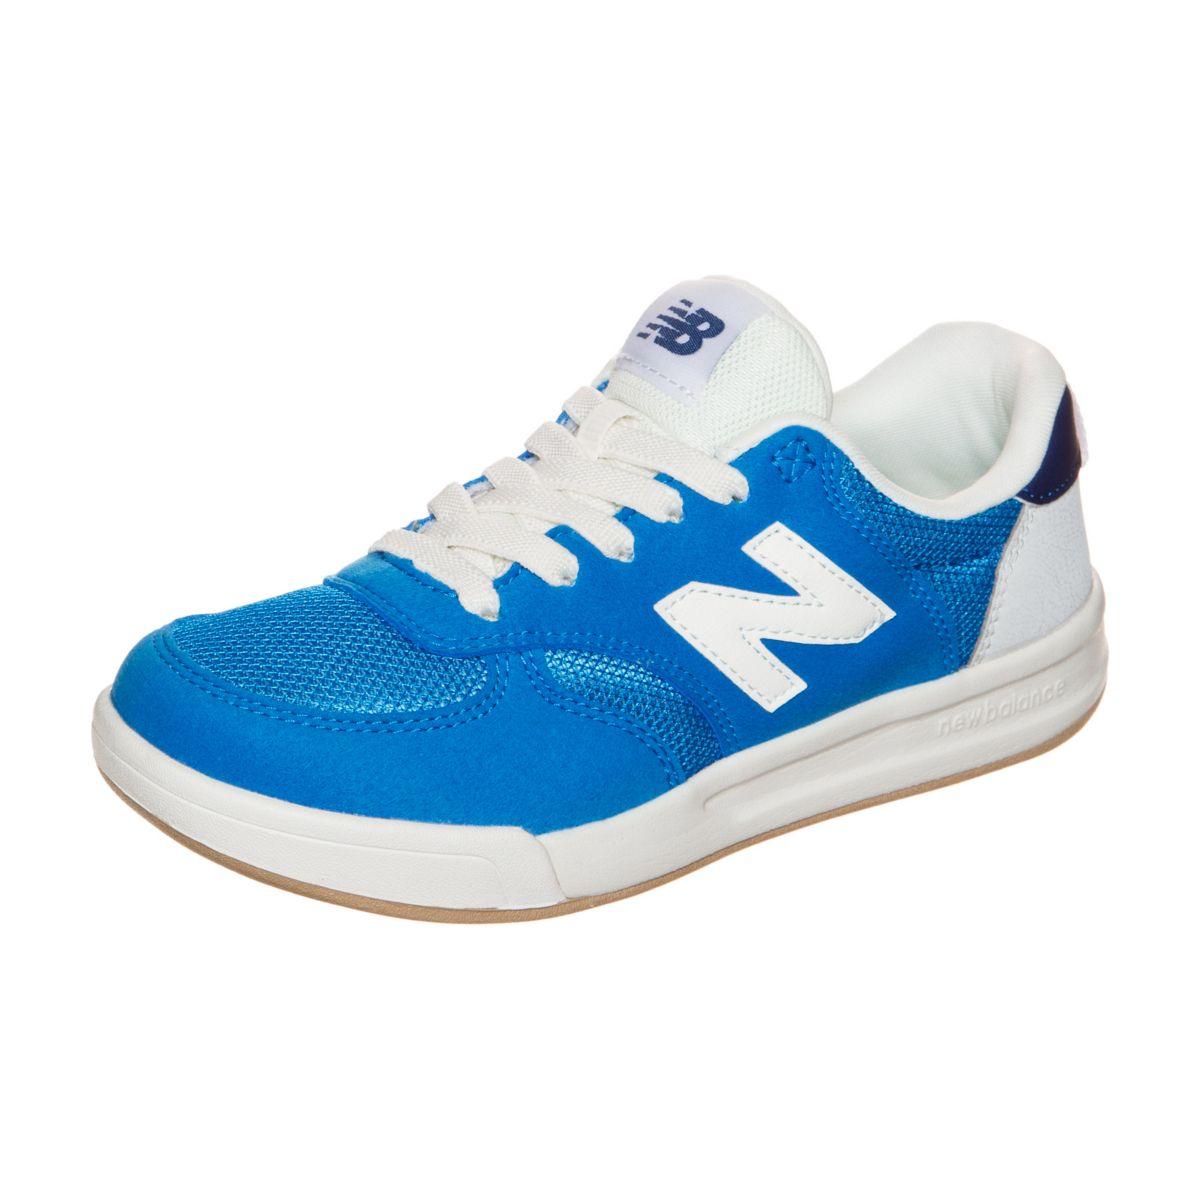 NEW BALANCE KT300-BLP-W Sneaker Kinder